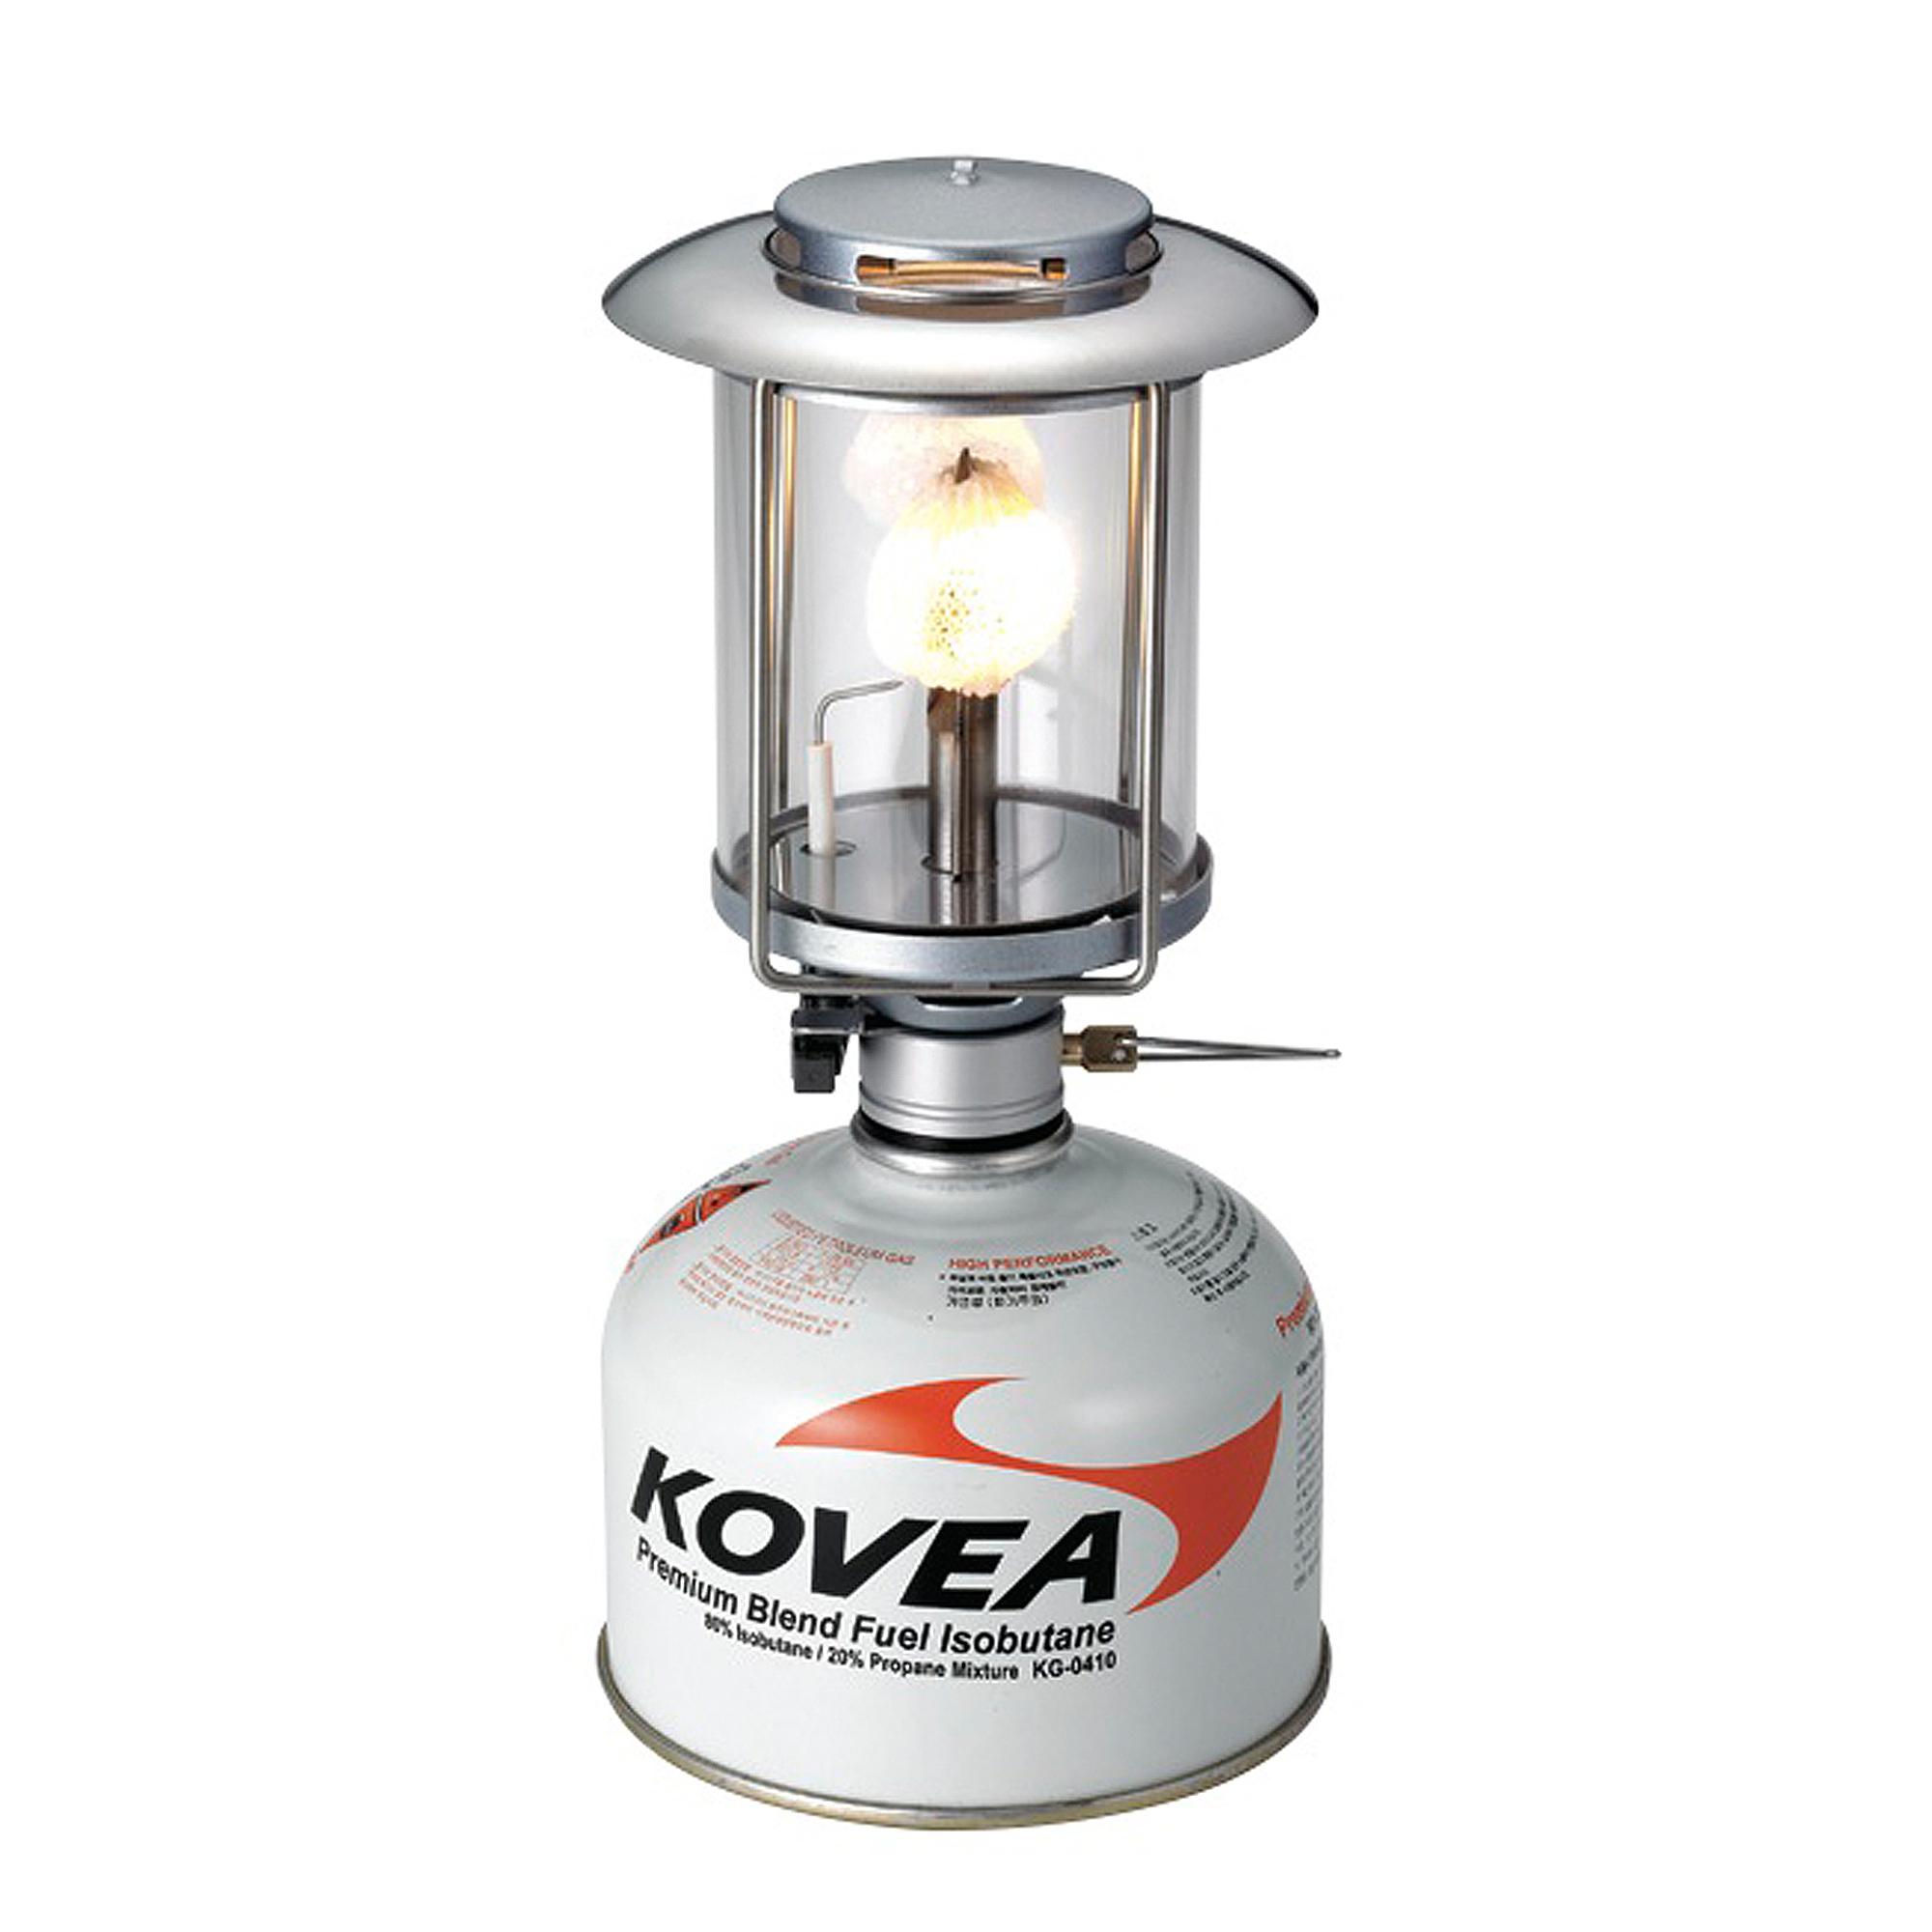 Фото - Газовая лампа Kovea Helios KL-2905 KL-2905